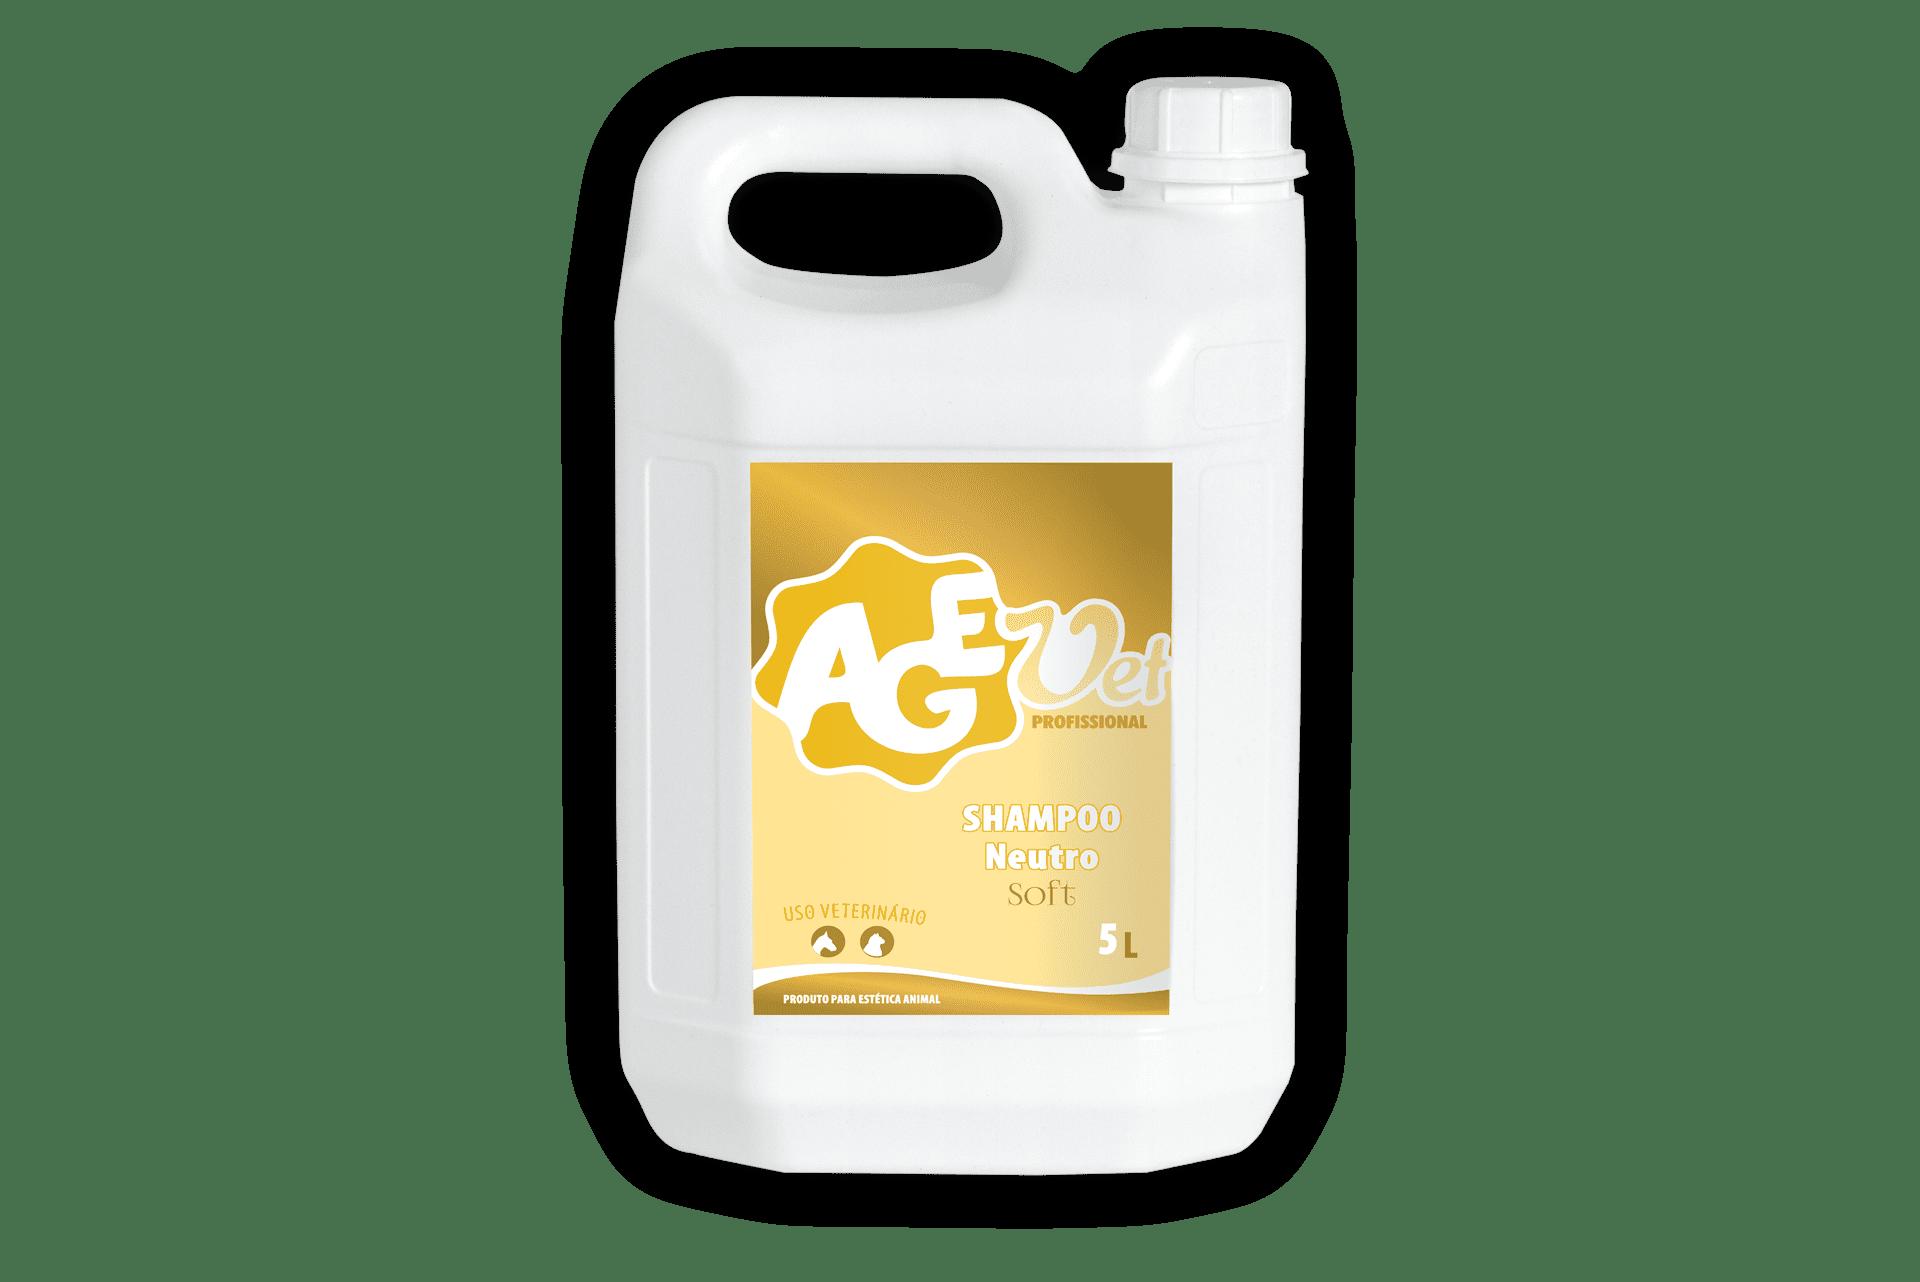 Foto do produto Shampoo Neutro Soft 5 Litros para visualização